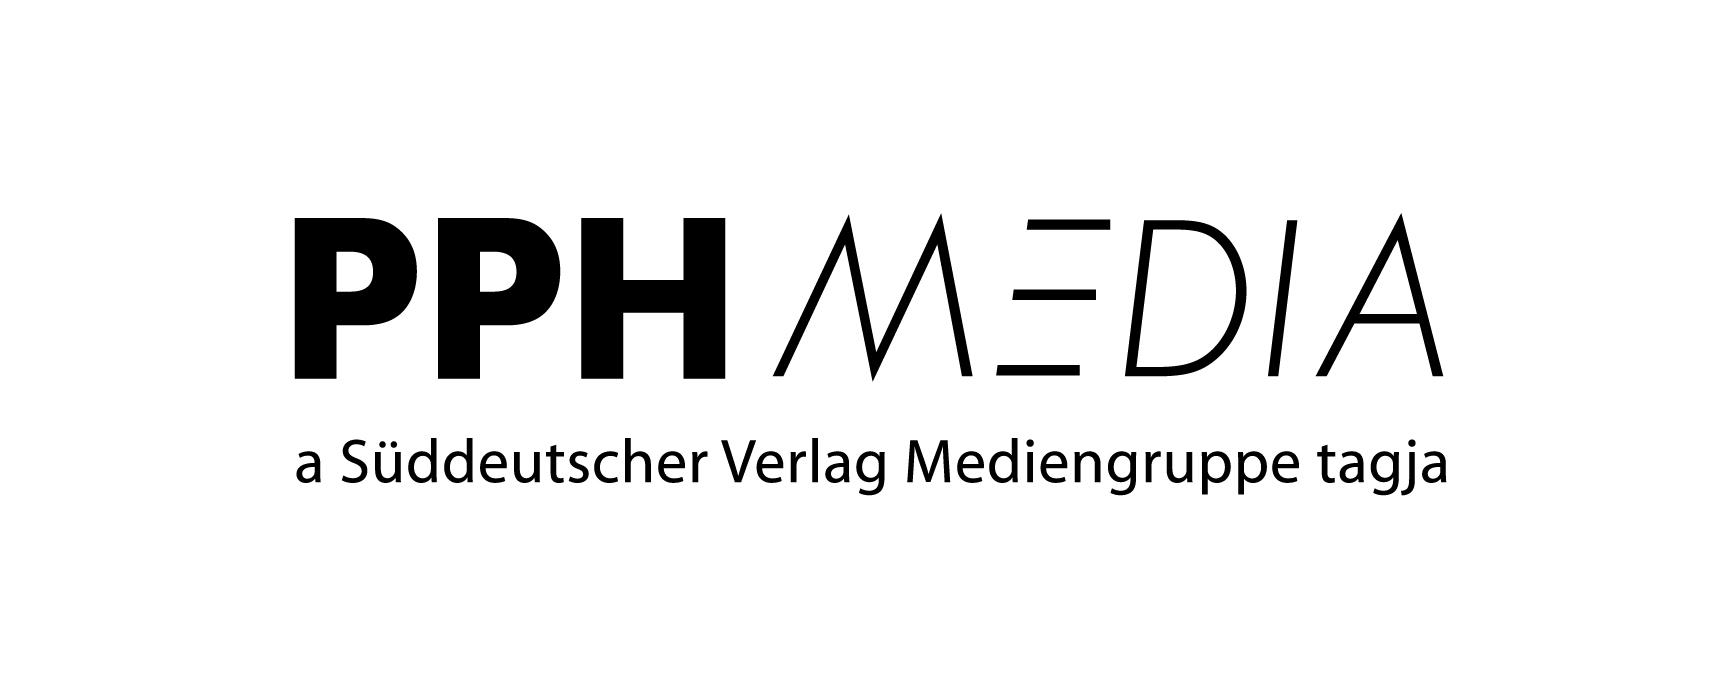 PPH Media